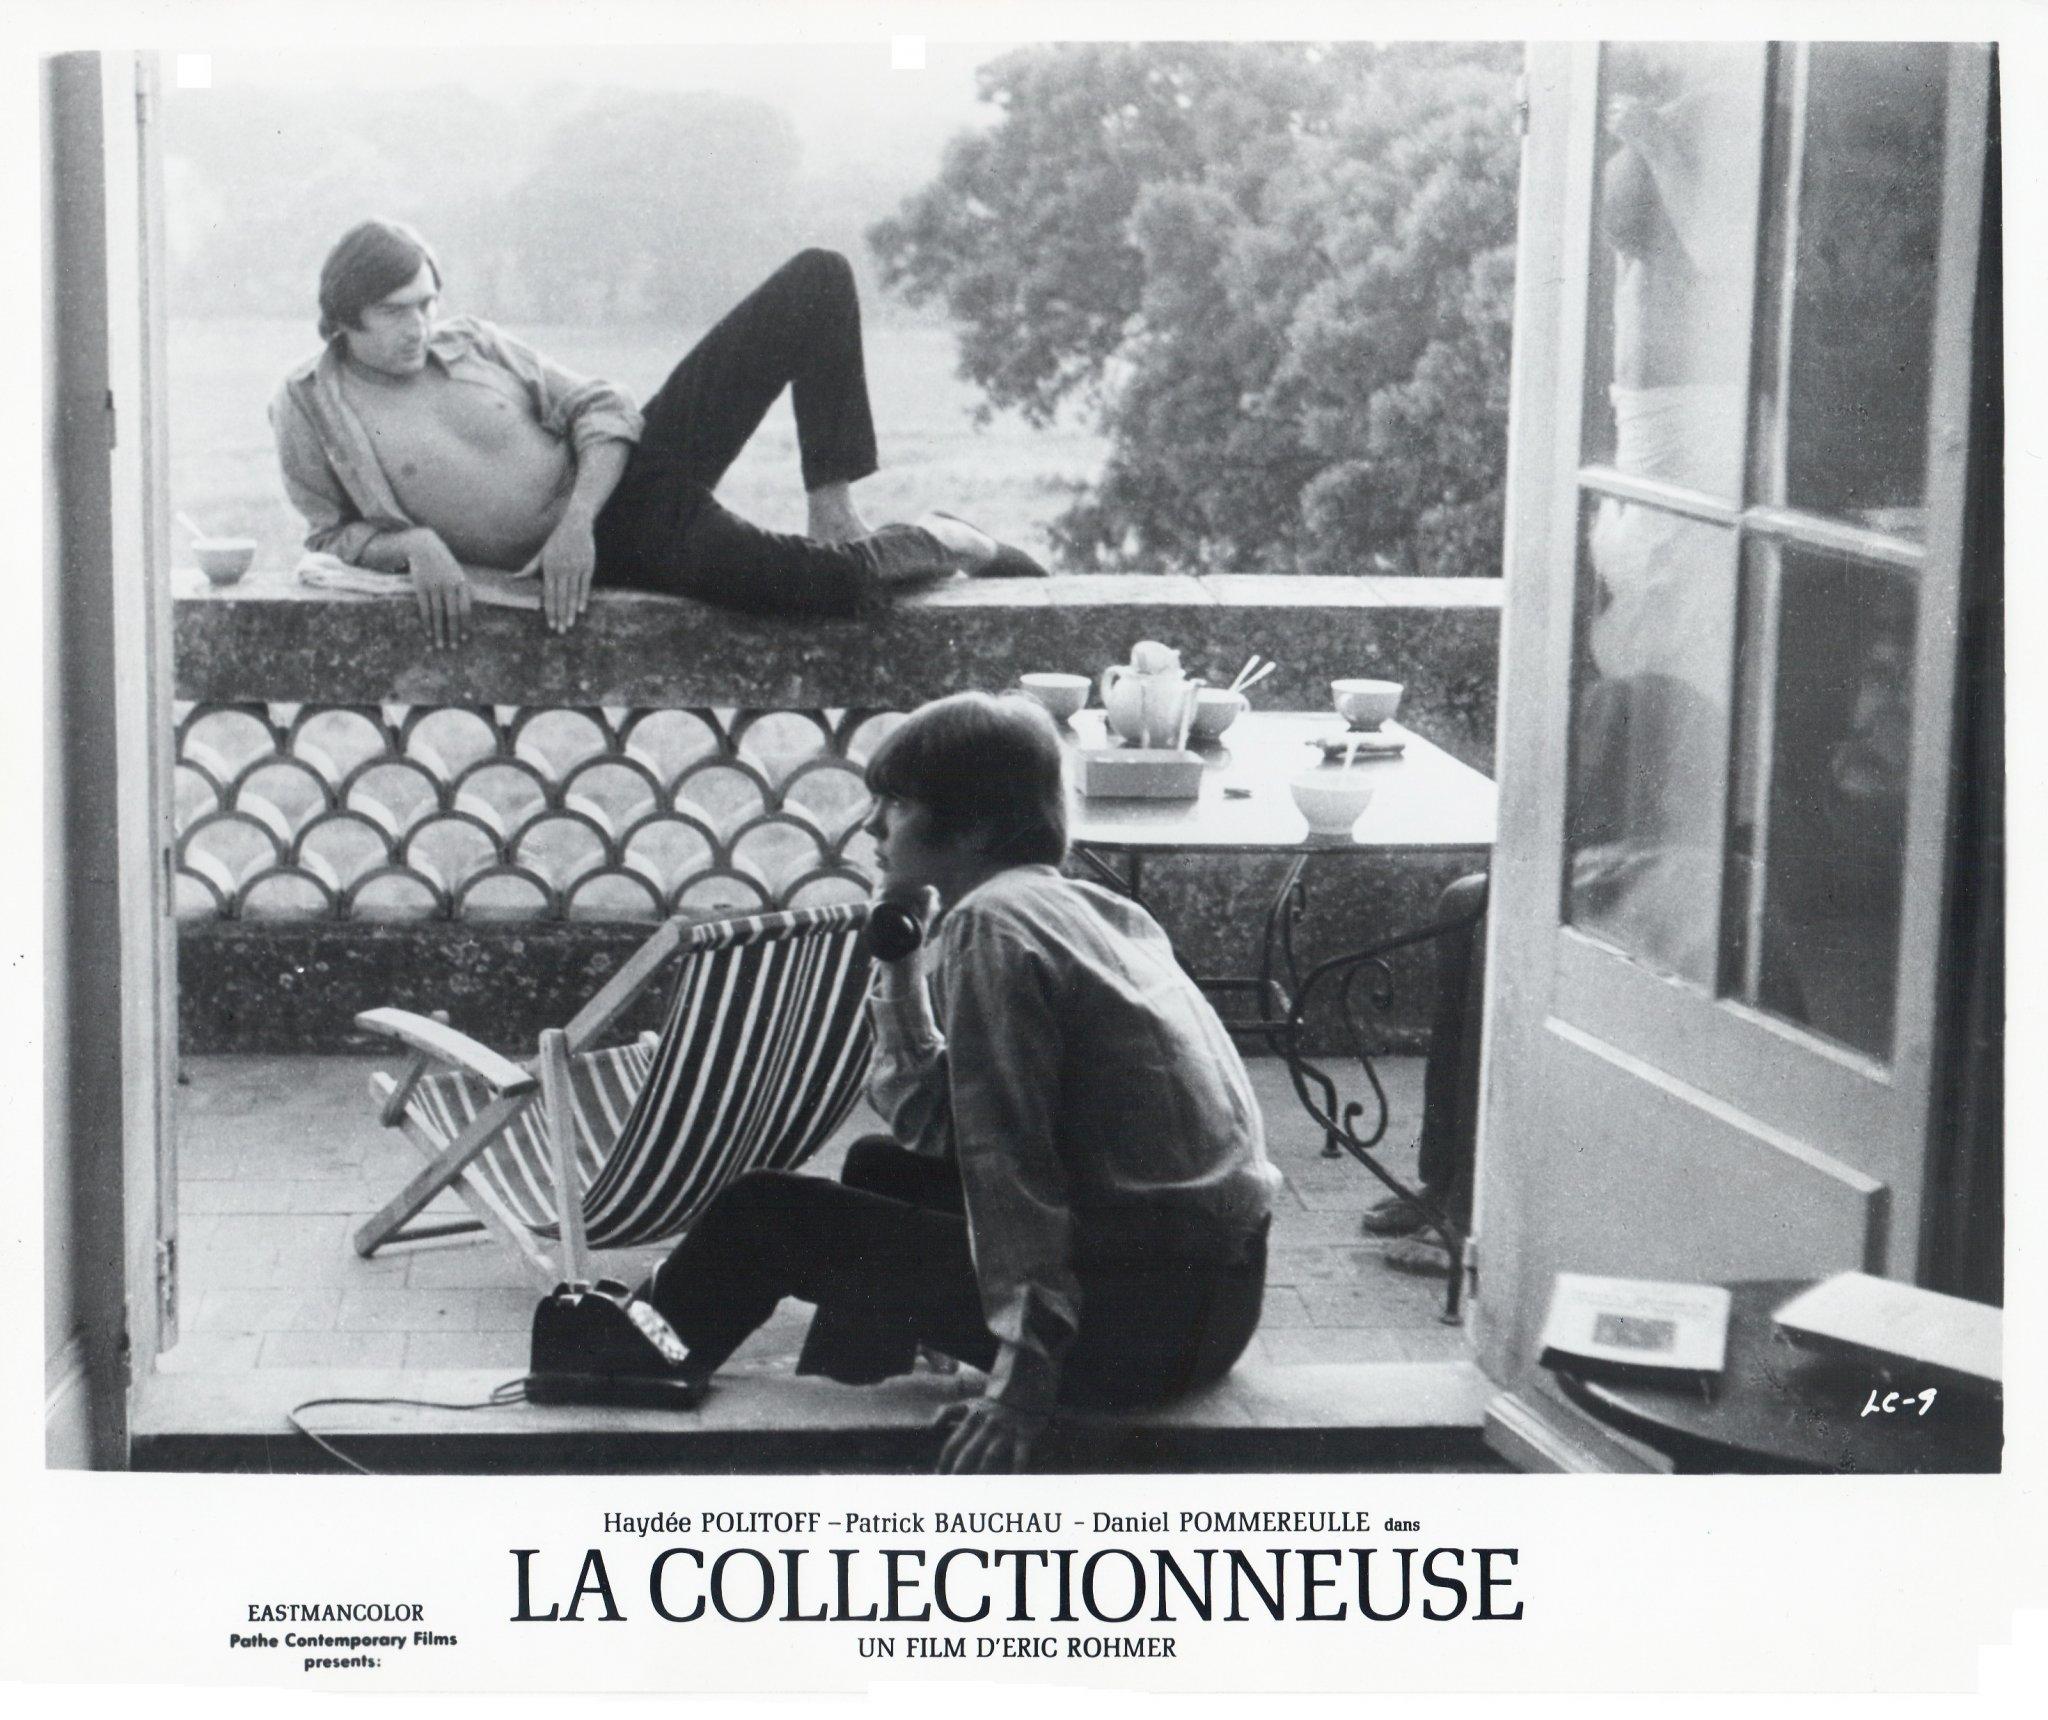 cinéma.La-collectionneuse_Rohmer_1967.